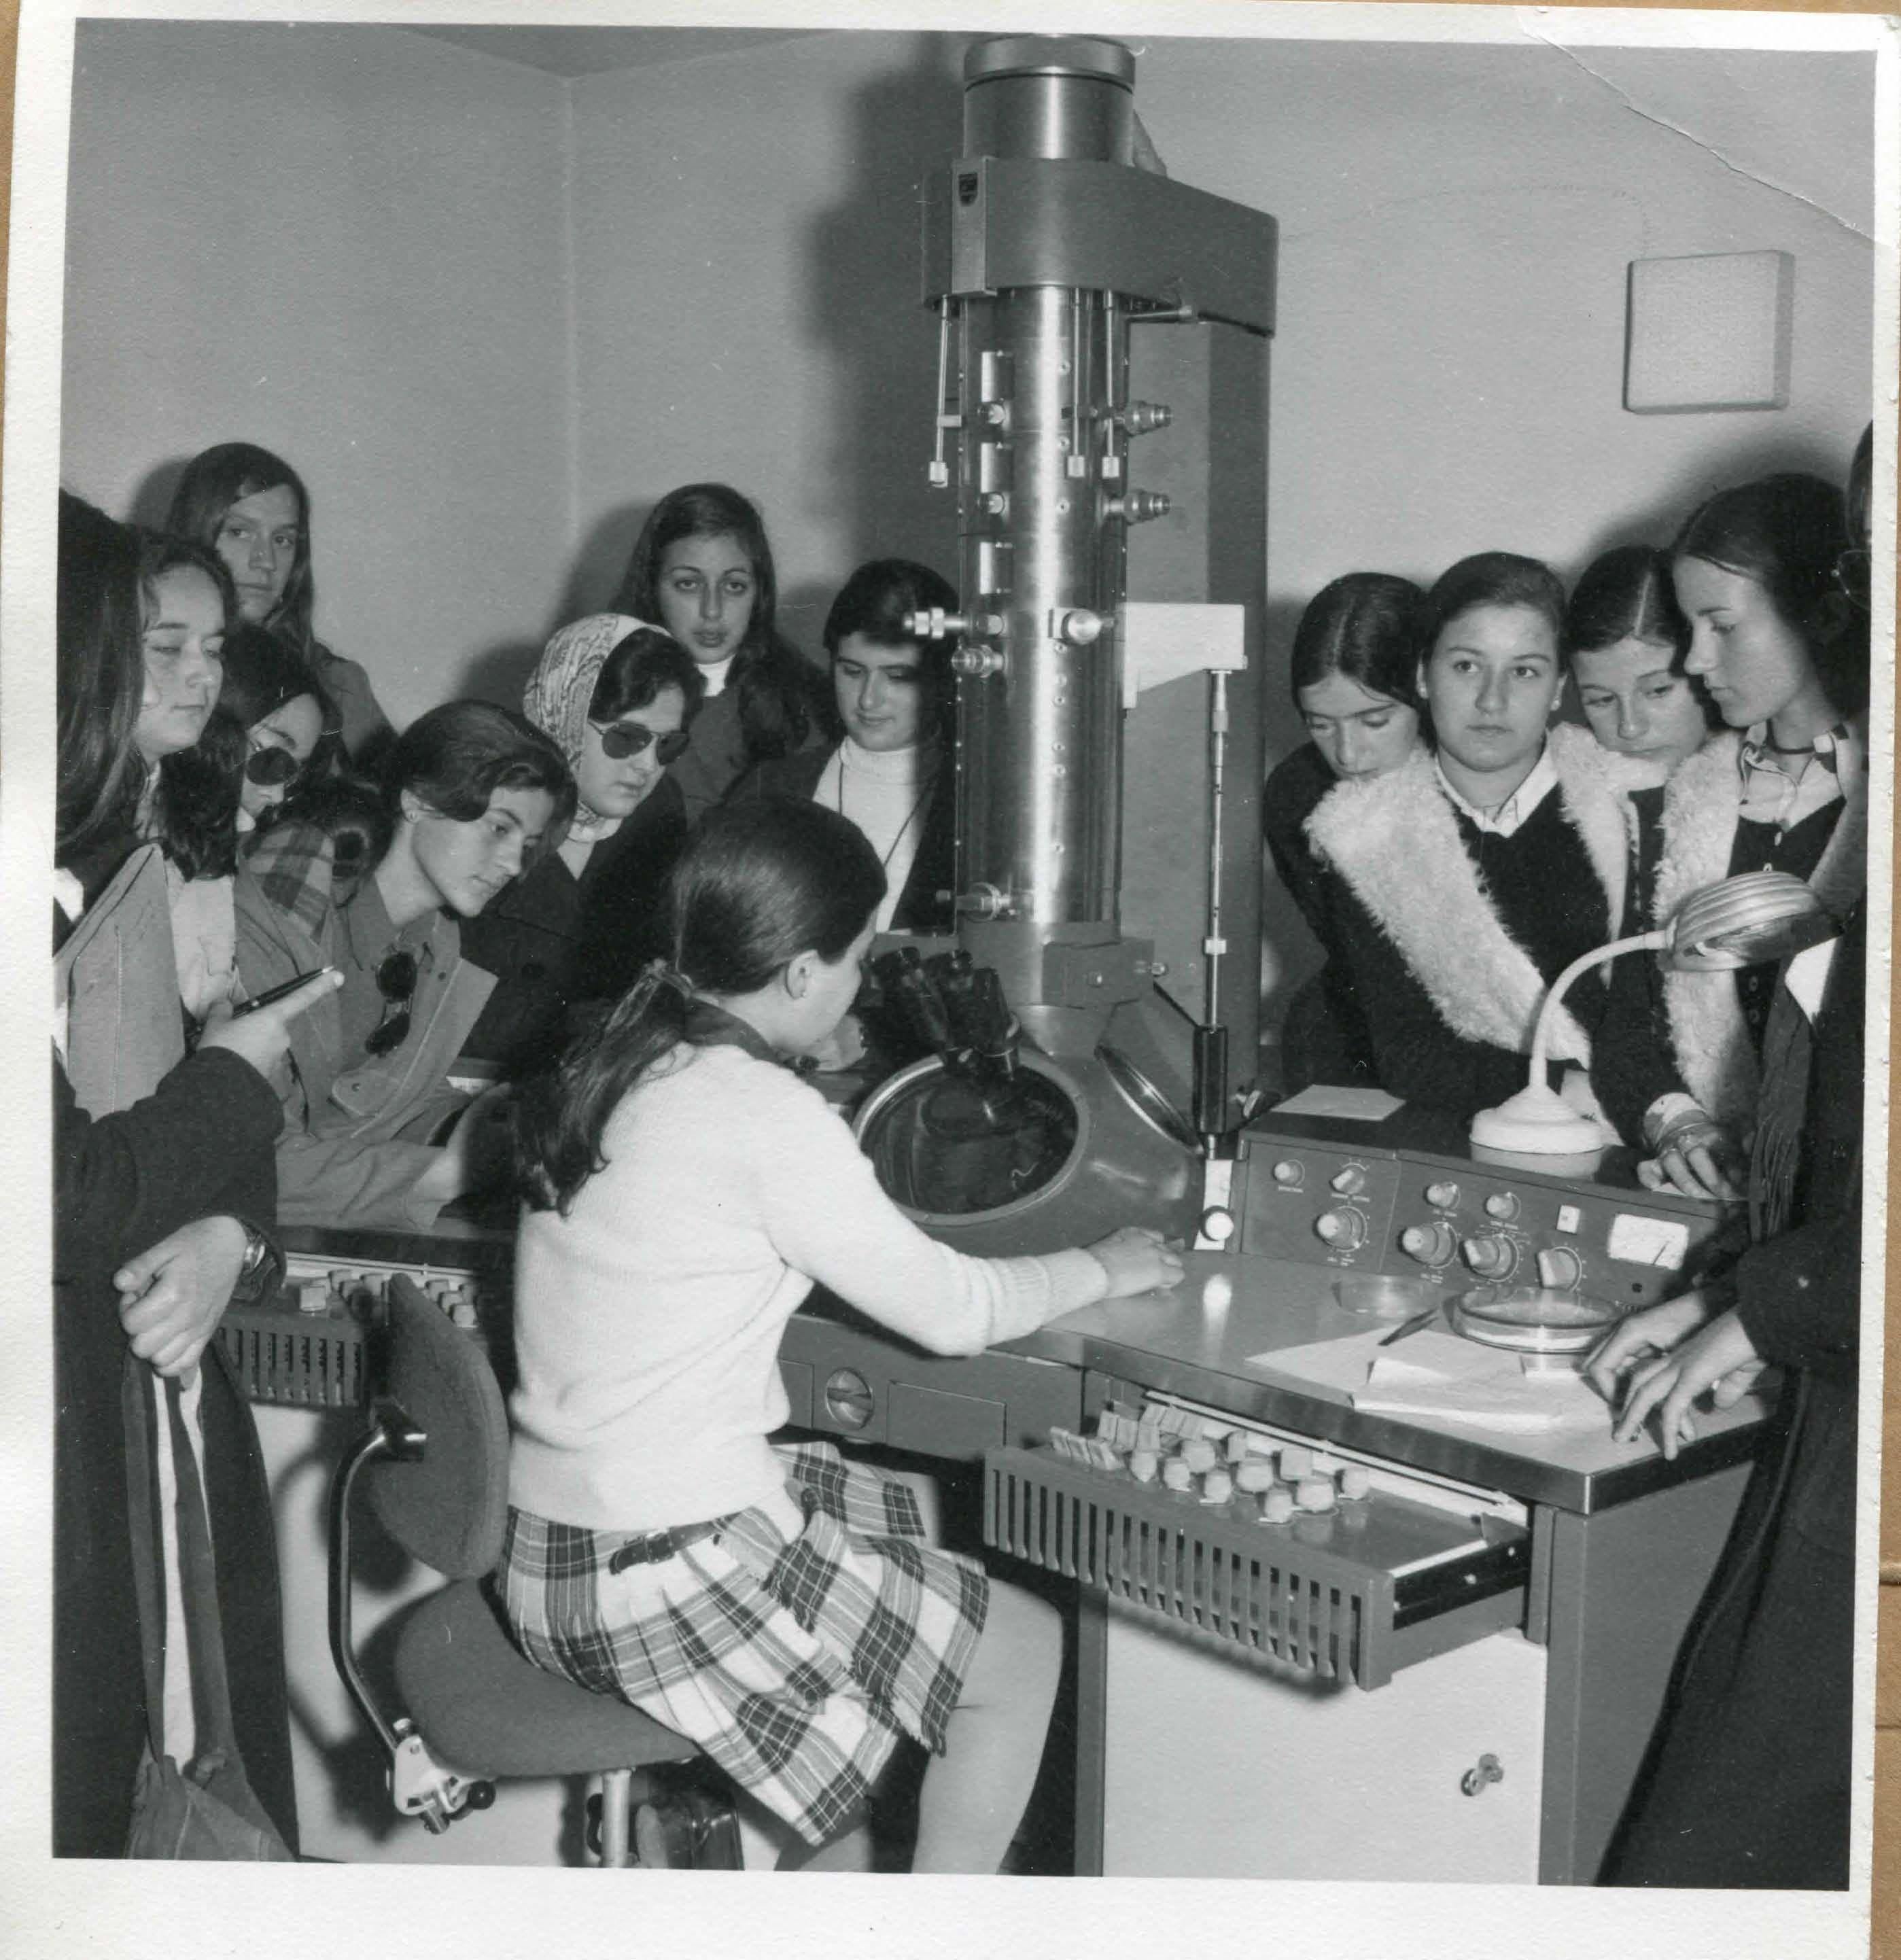 Un grupo de chicas de un colegio, de visita en el Instituto, en el microscopio electrónico Philips 300. http://aleph.csic.es/F?func=find-cccl_term=SYS%3D000127239local_base=ARCHIVOS (AICA)